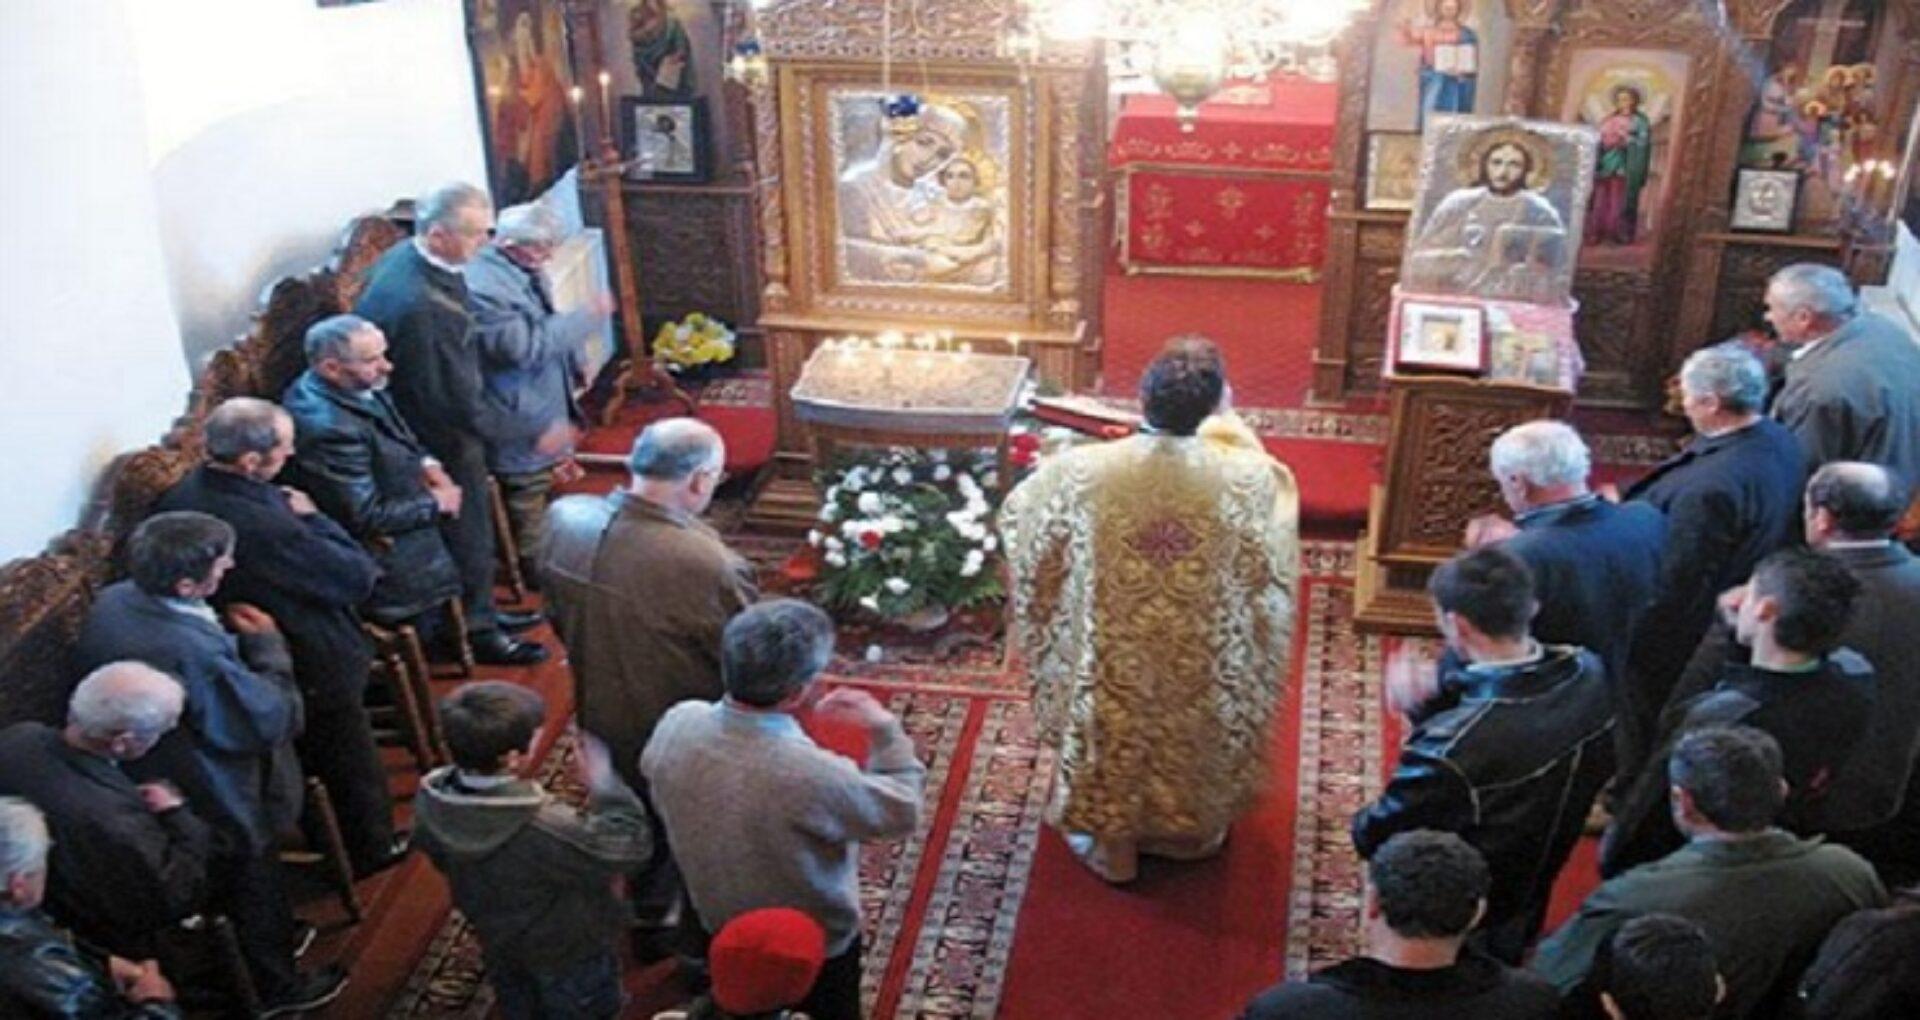 Decizia luată de CNESP în cazul activităților religioase. Cum se vor desfășura slujbele în biserici